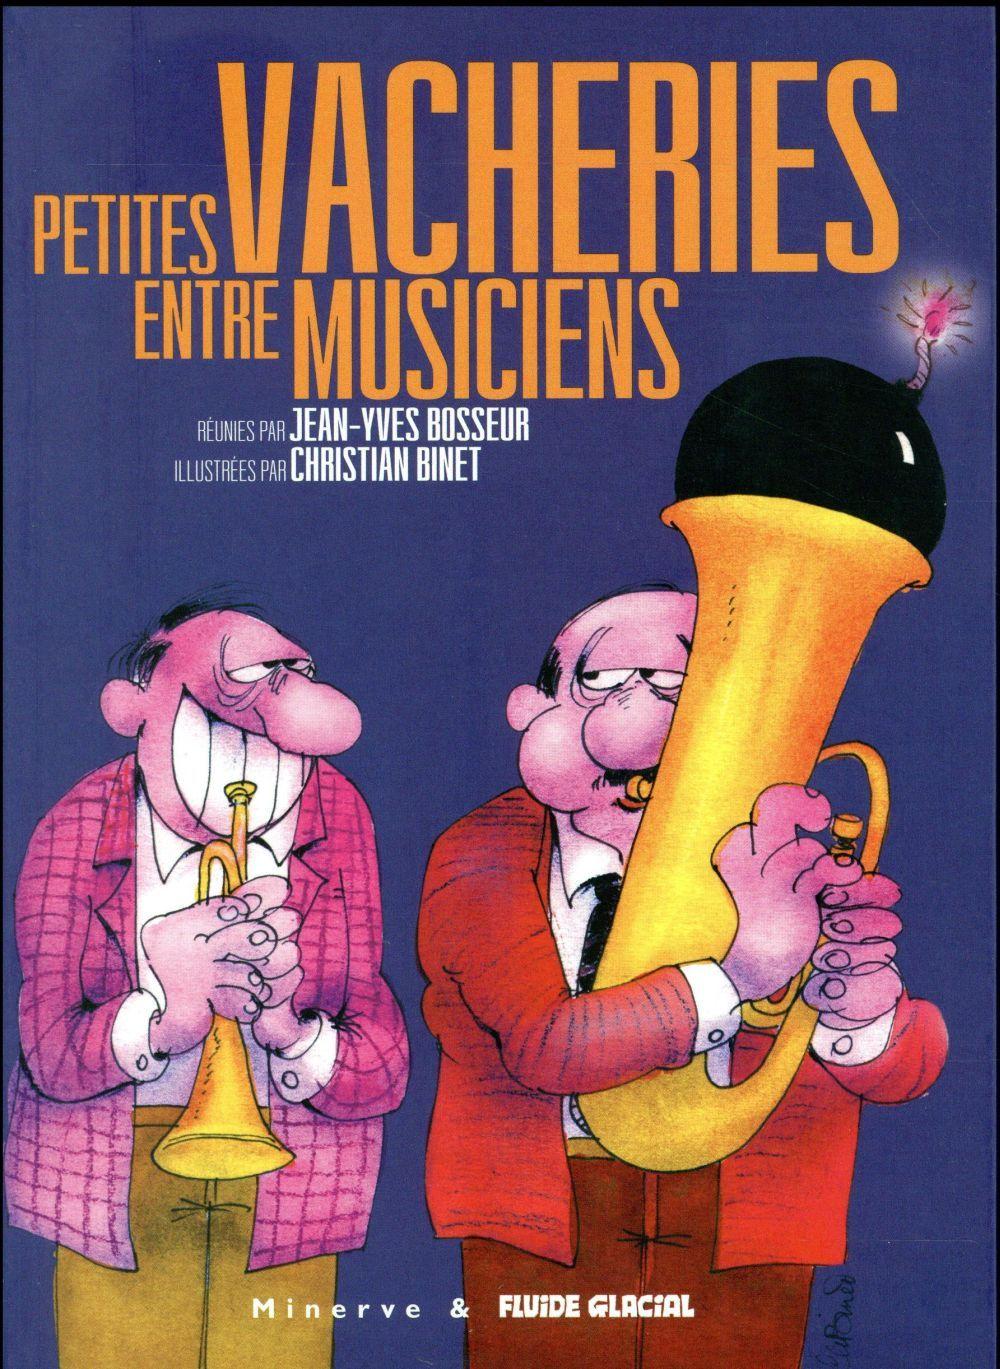 Petites vacheries entre musiciens - Christian Binet, Jean-Yves Bosseur - Fluide Glacial - Bande Dessinées - Vivement Dimanche LYON